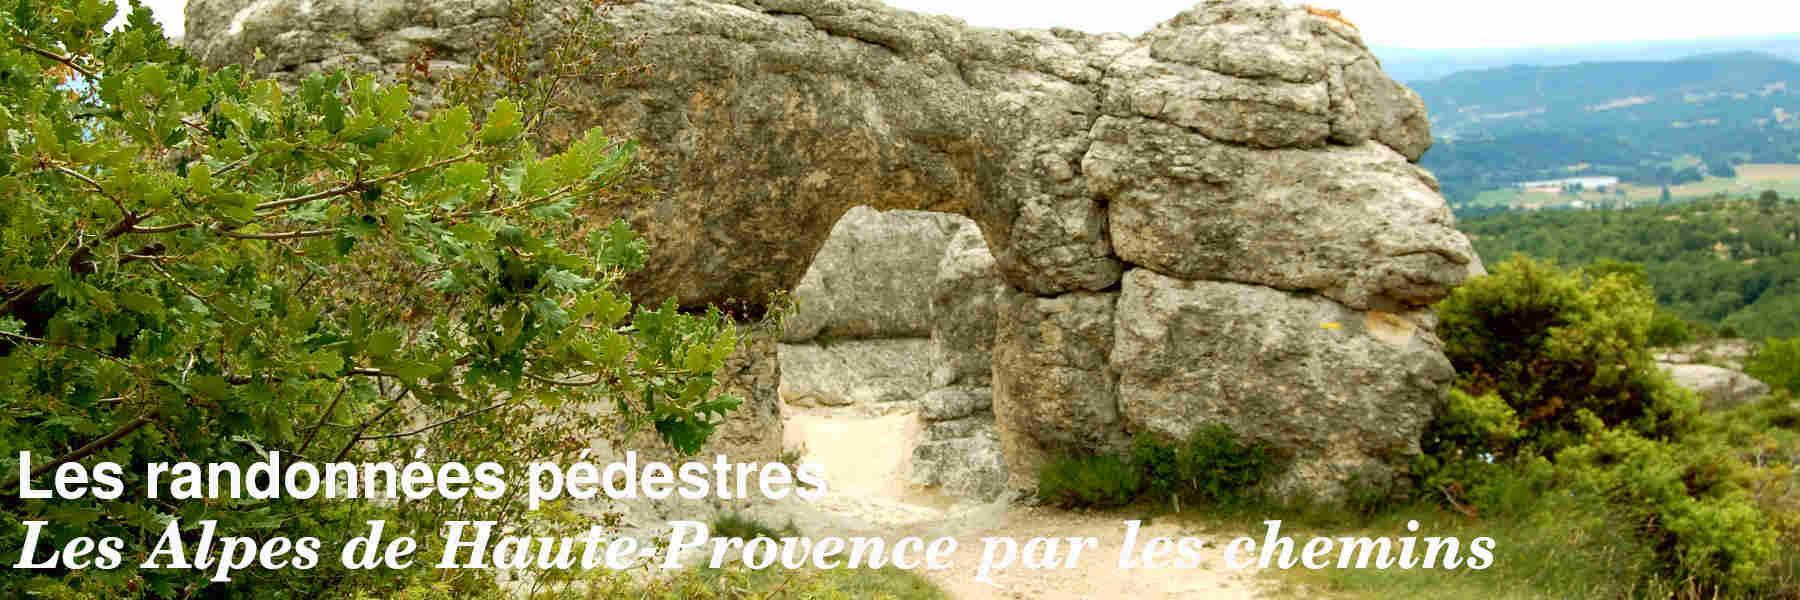 Les randonnées pédestres en Alpes de Haute-Provence